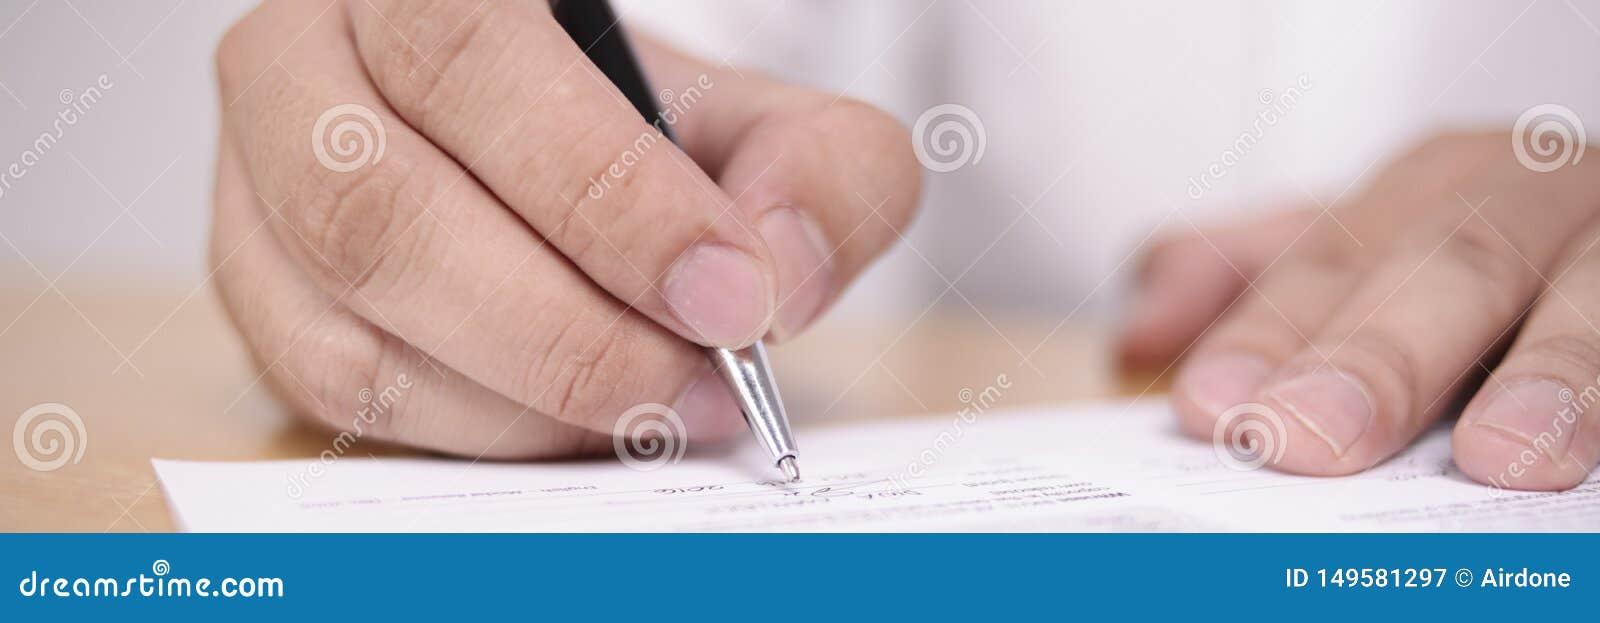 Ευρεία άποψη του επιχειρηματία που υπογράφει τη σύμβαση